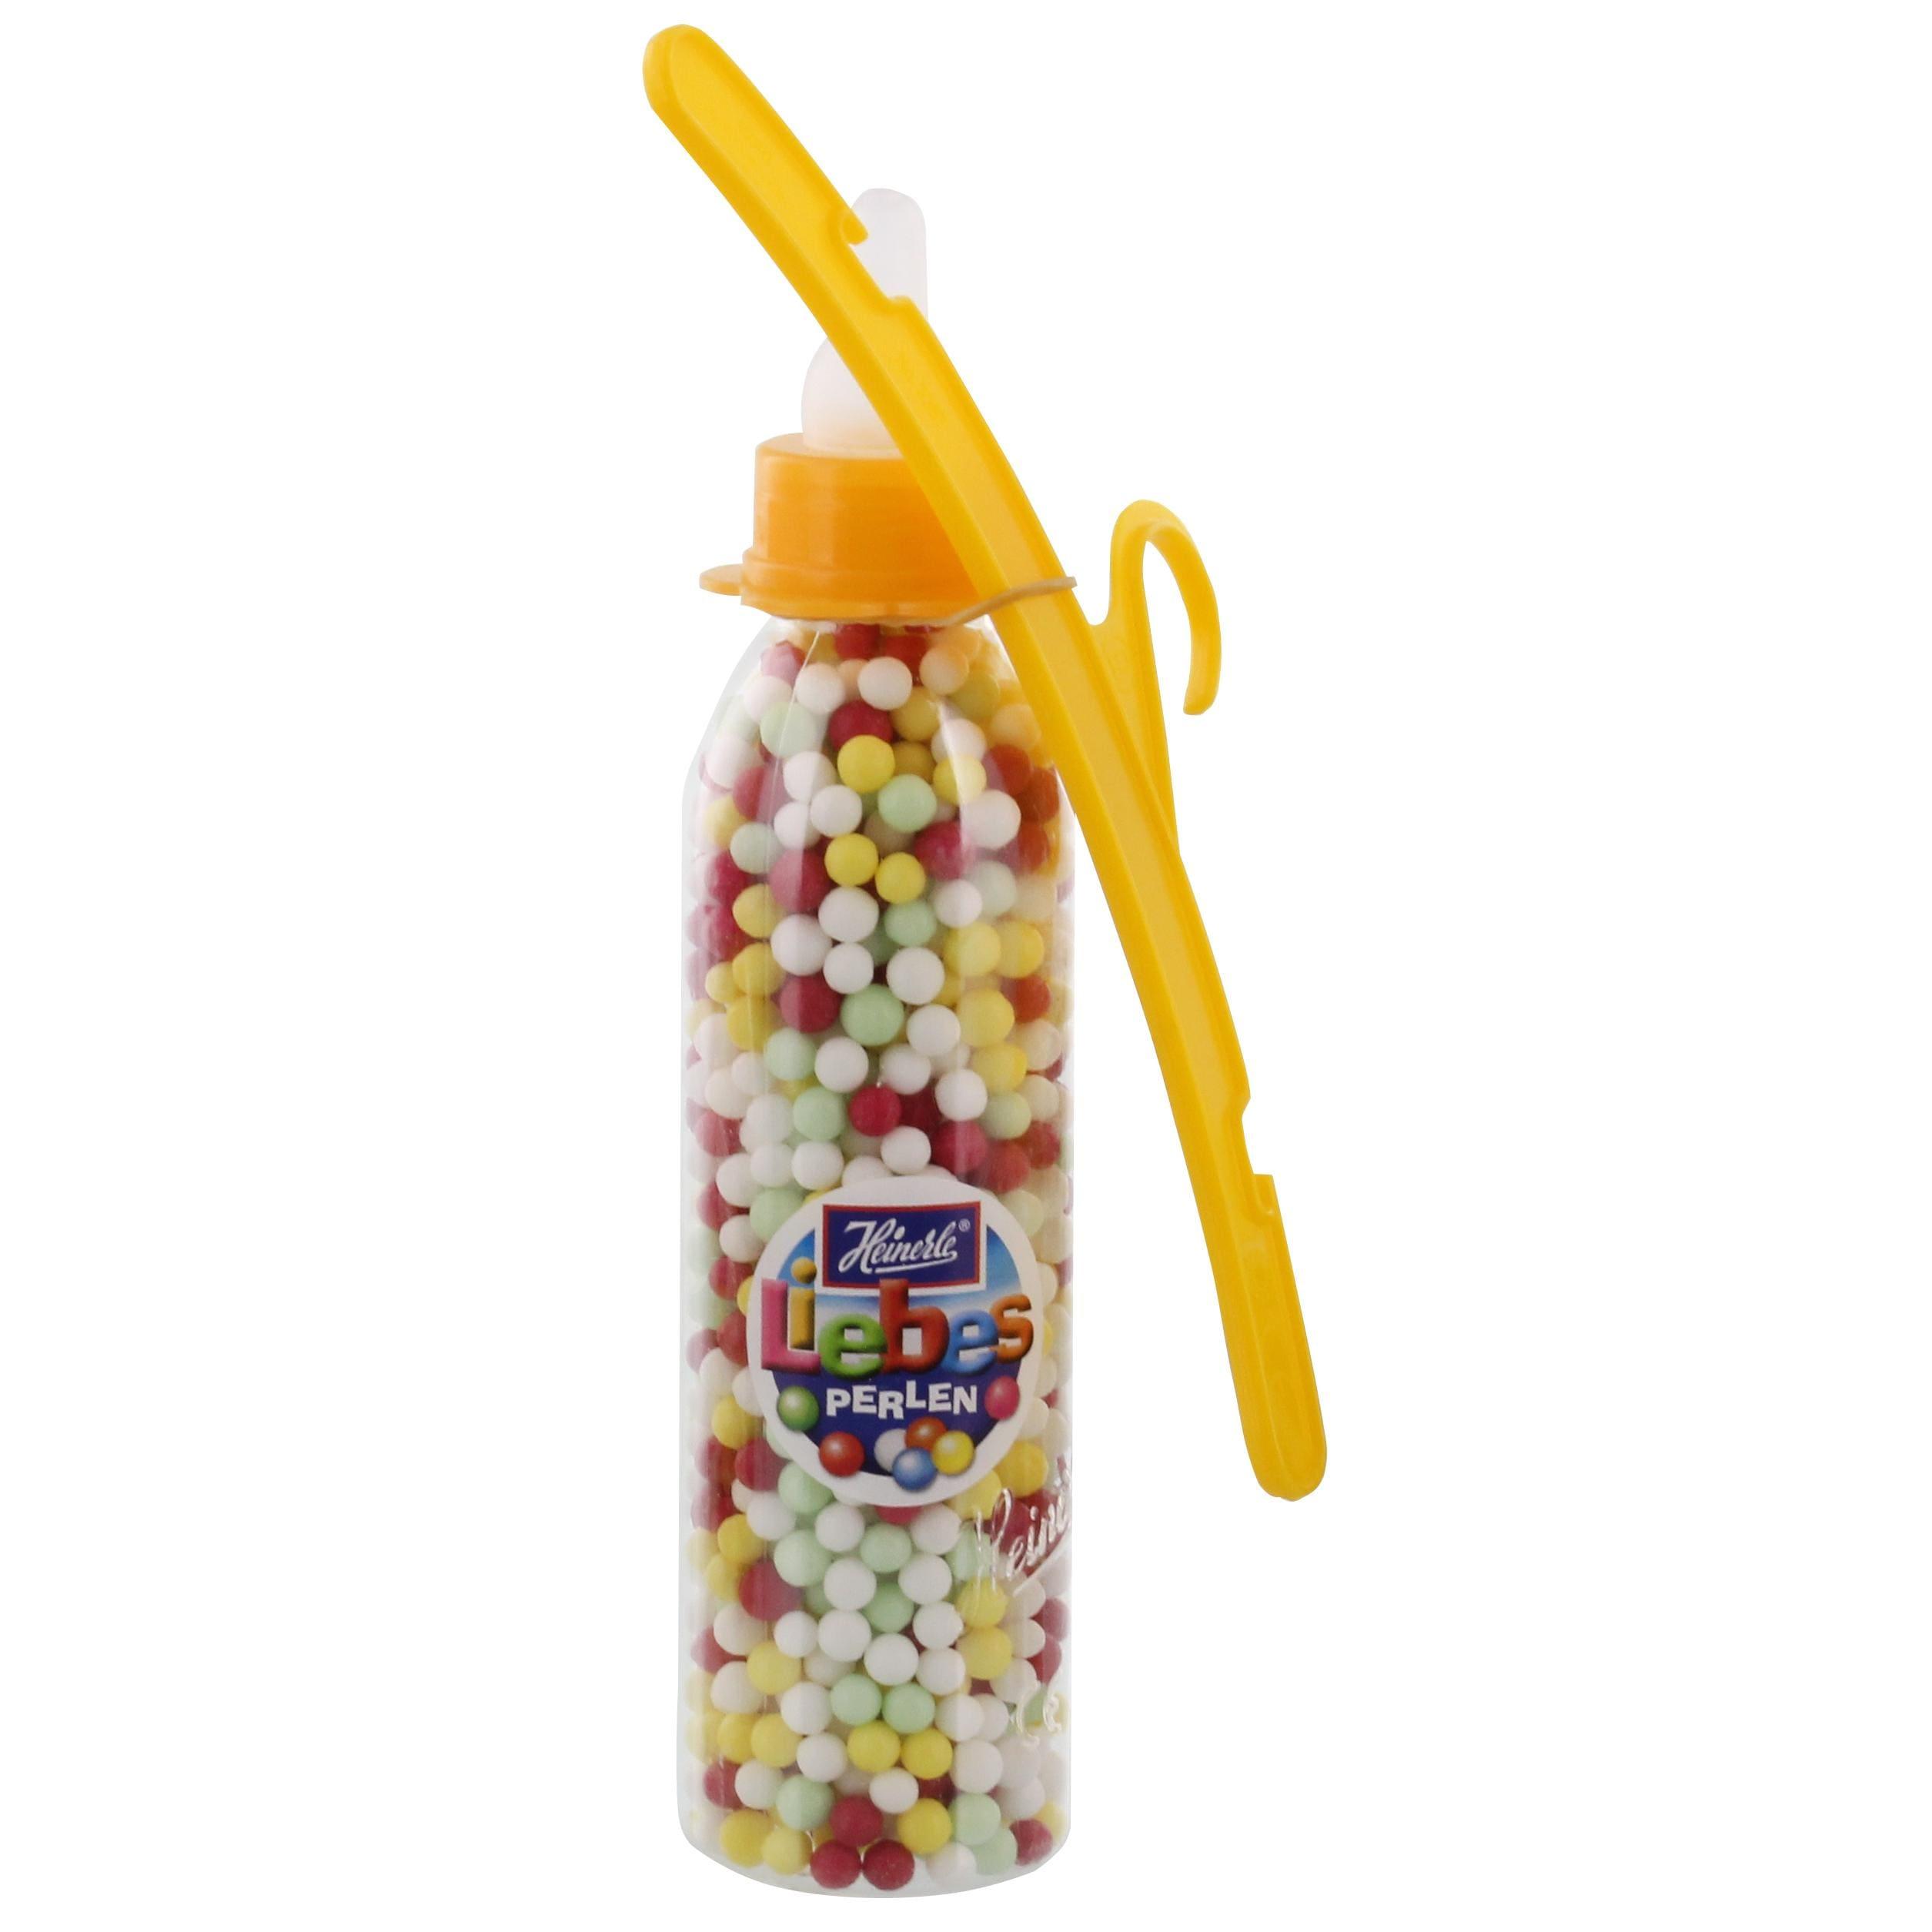 Heinerle - Liebesperlen in der Babyflasche - 100g